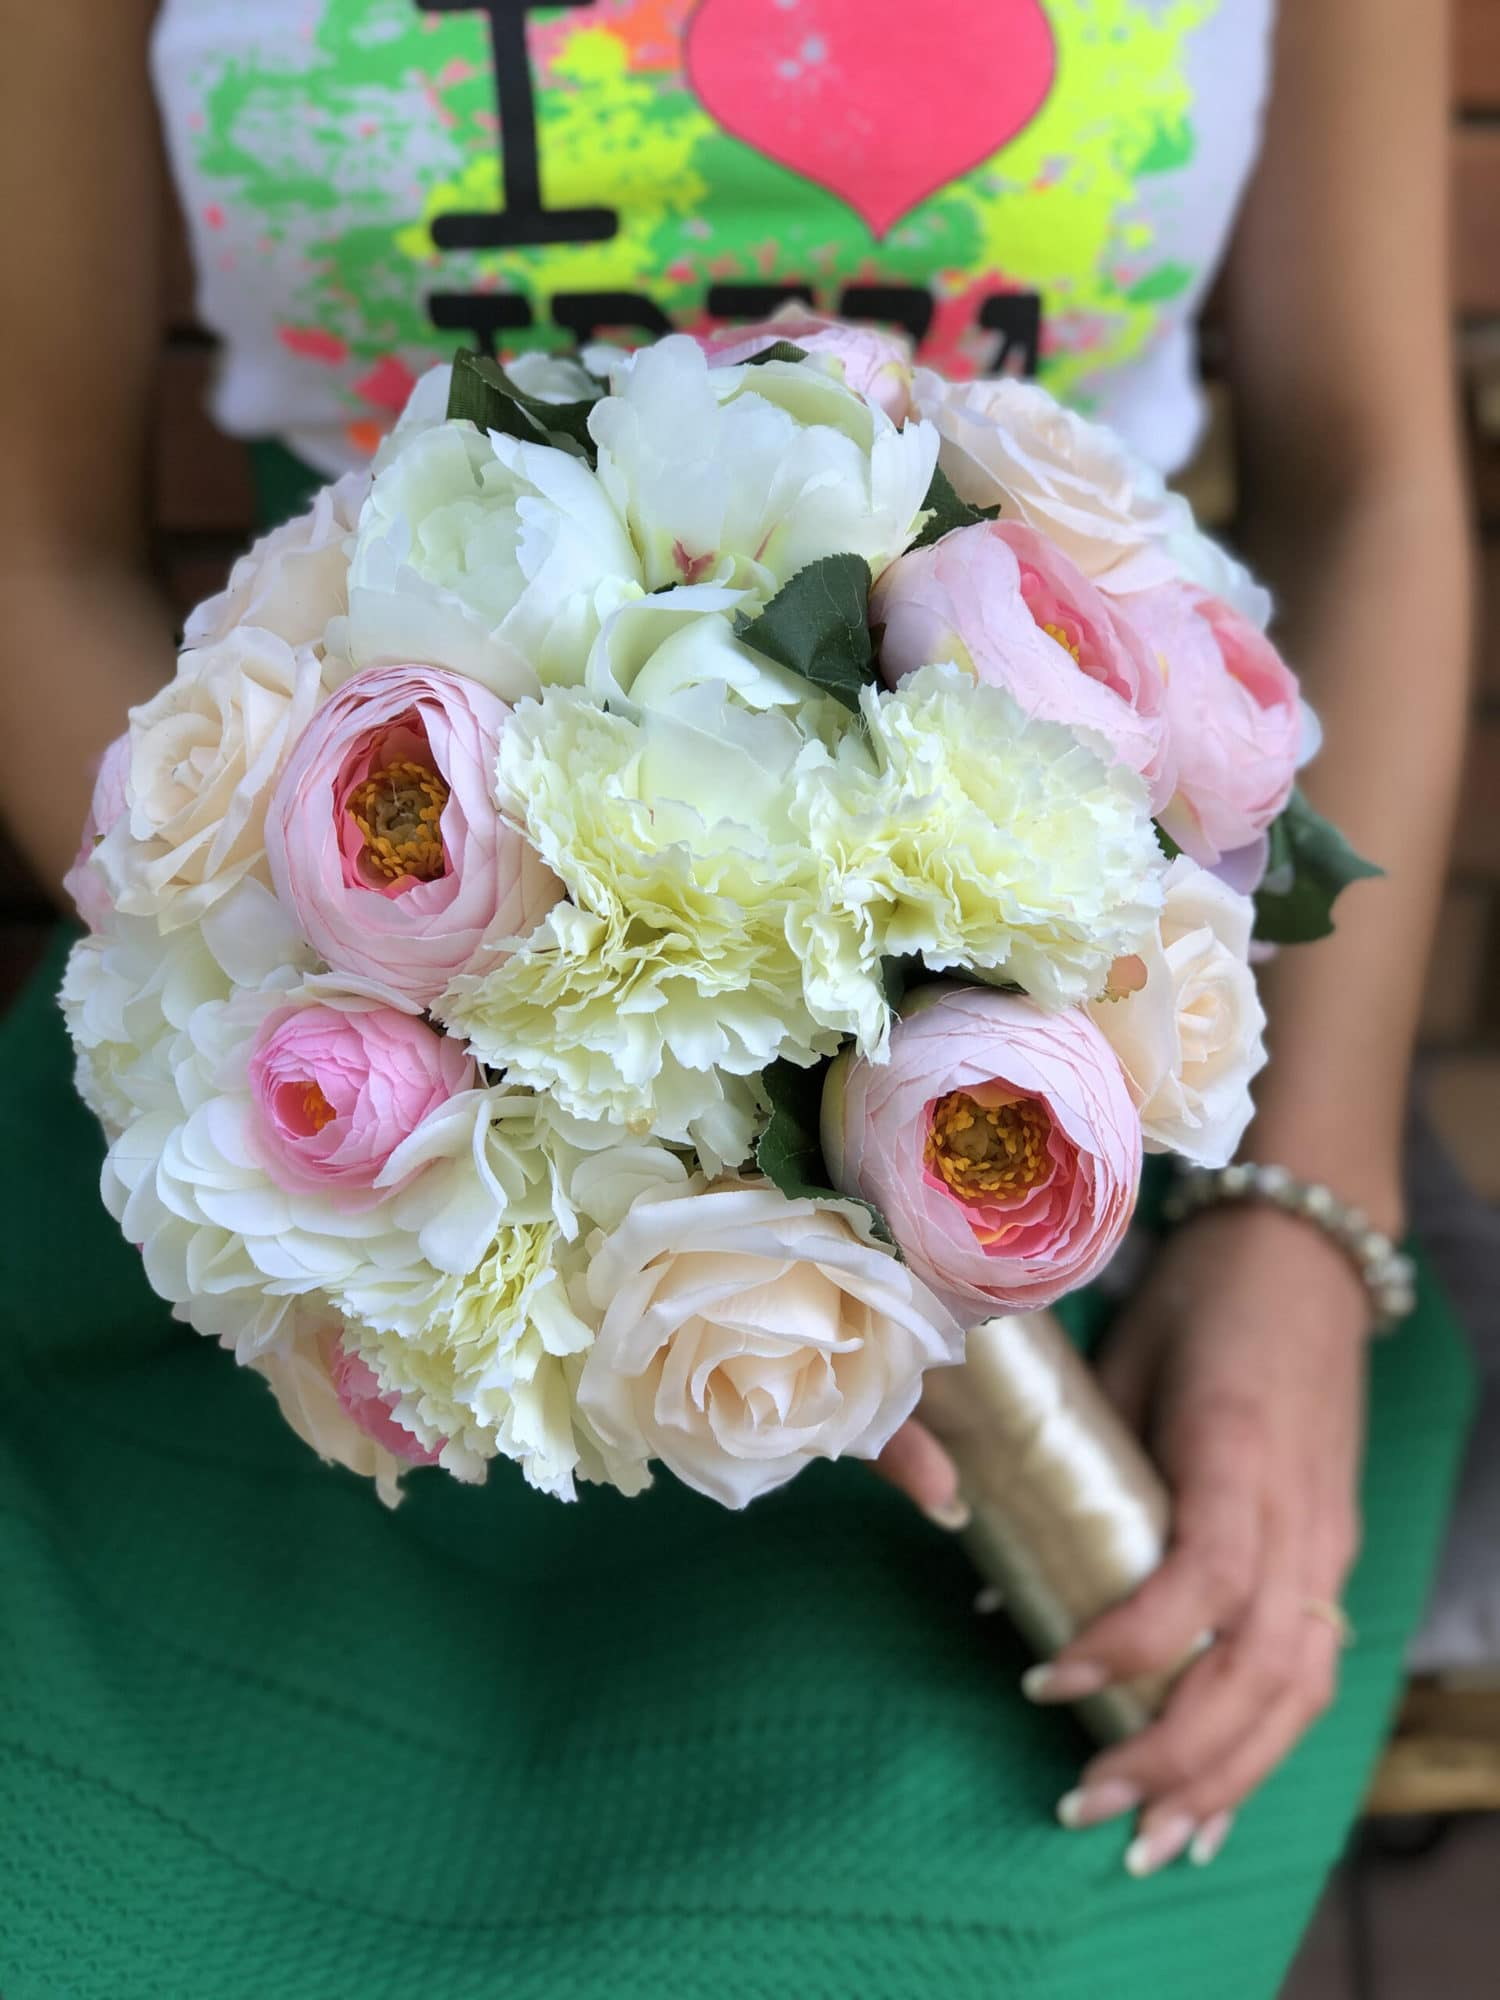 Bidermajer od prirodnog cveca u belo - rozoj boji